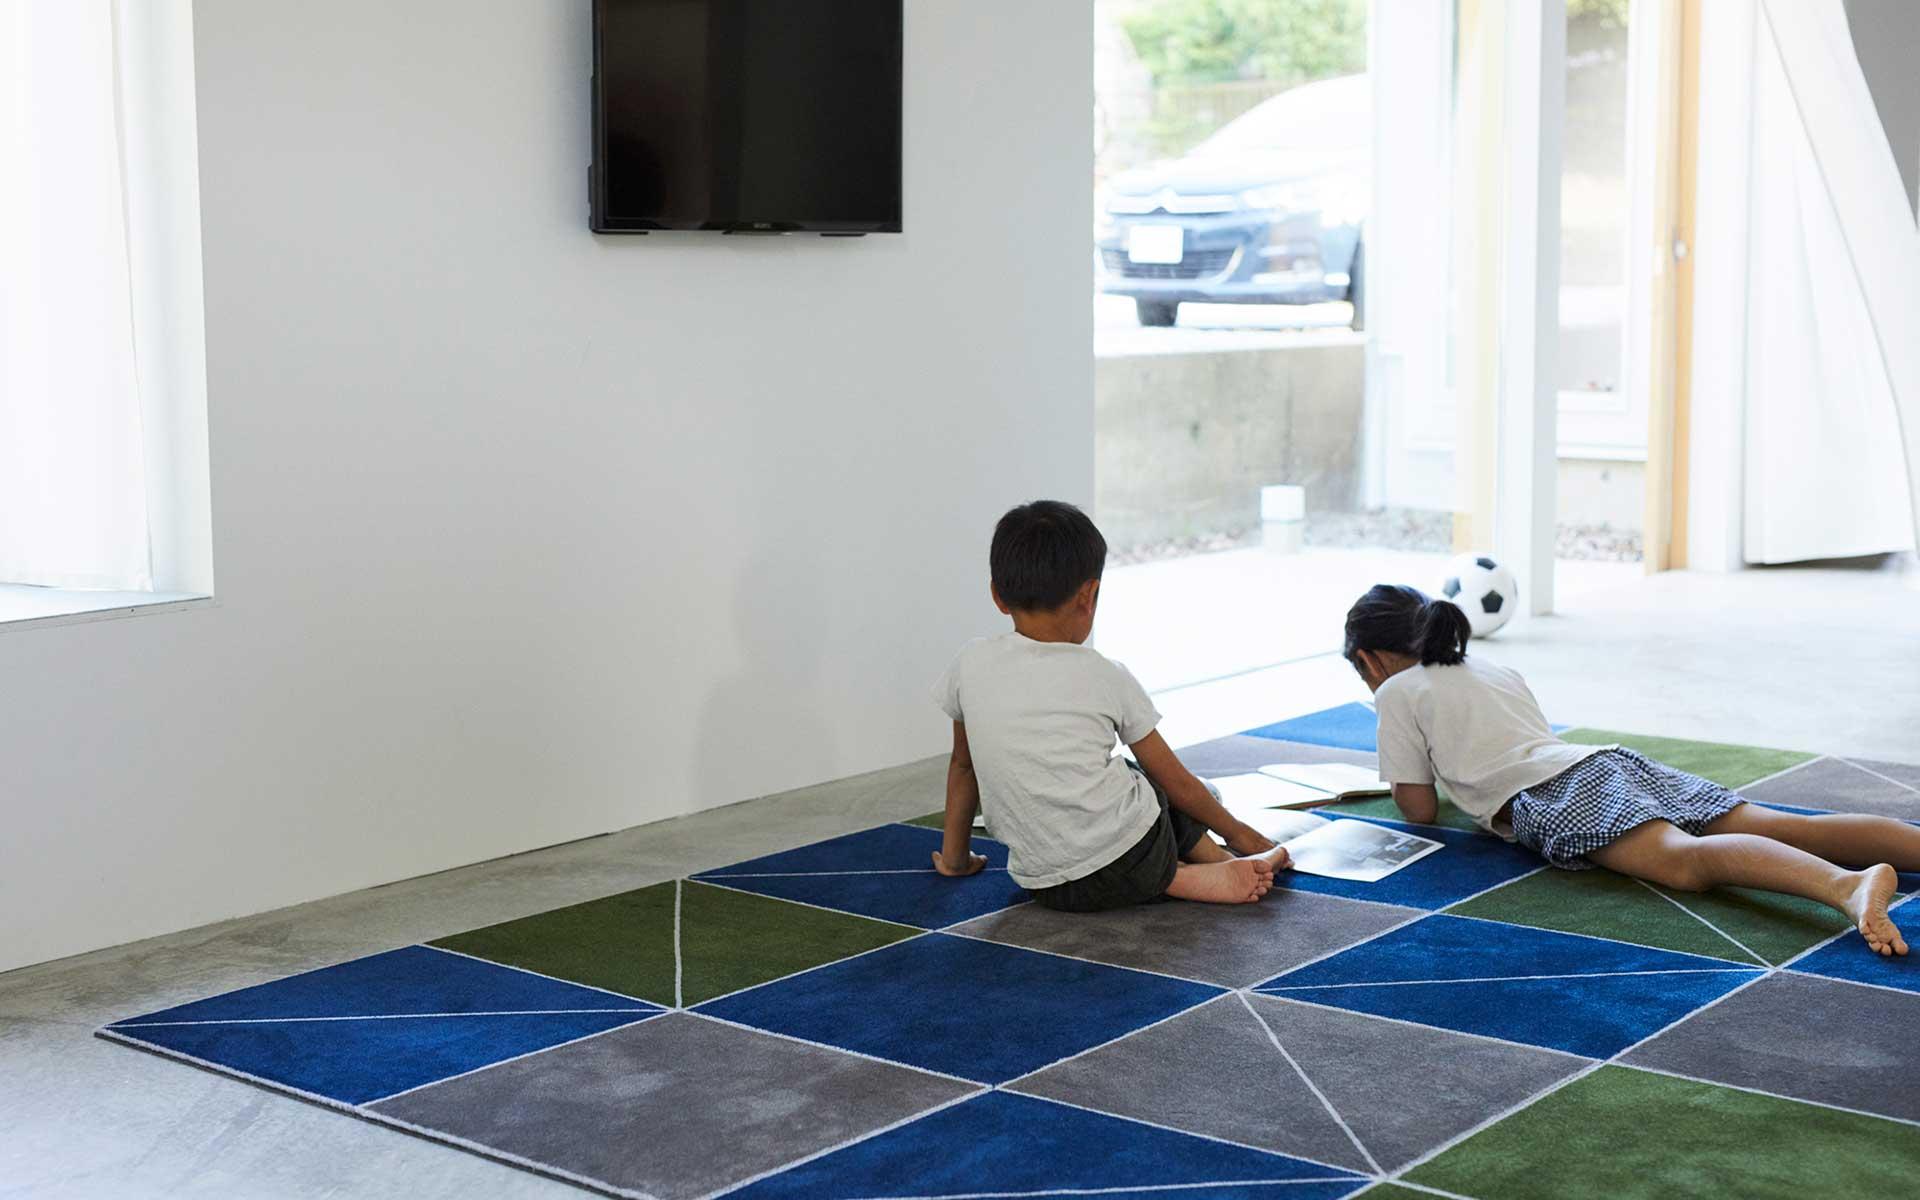 タイルカーペットの新定番。パズル感覚で組めるDIYカーペットの誕生秘話